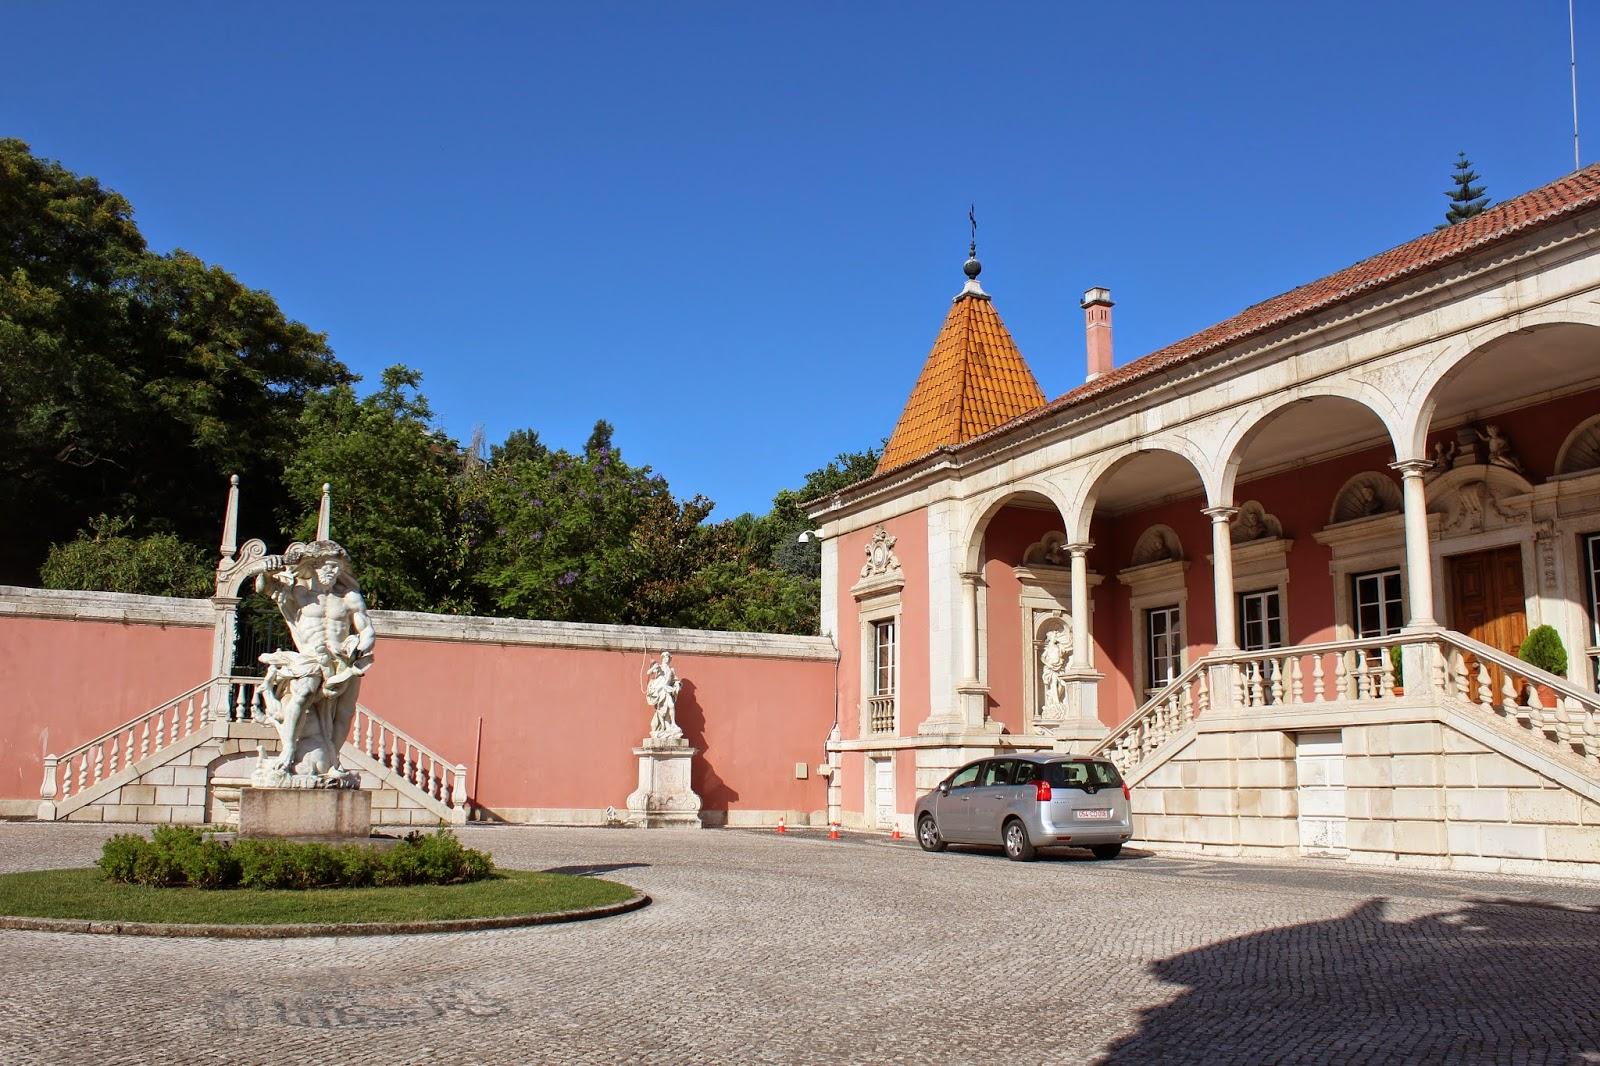 Palacio de palhav embajada de espa a en lisboa forocoches for Ministerio de relaciones interiores espana